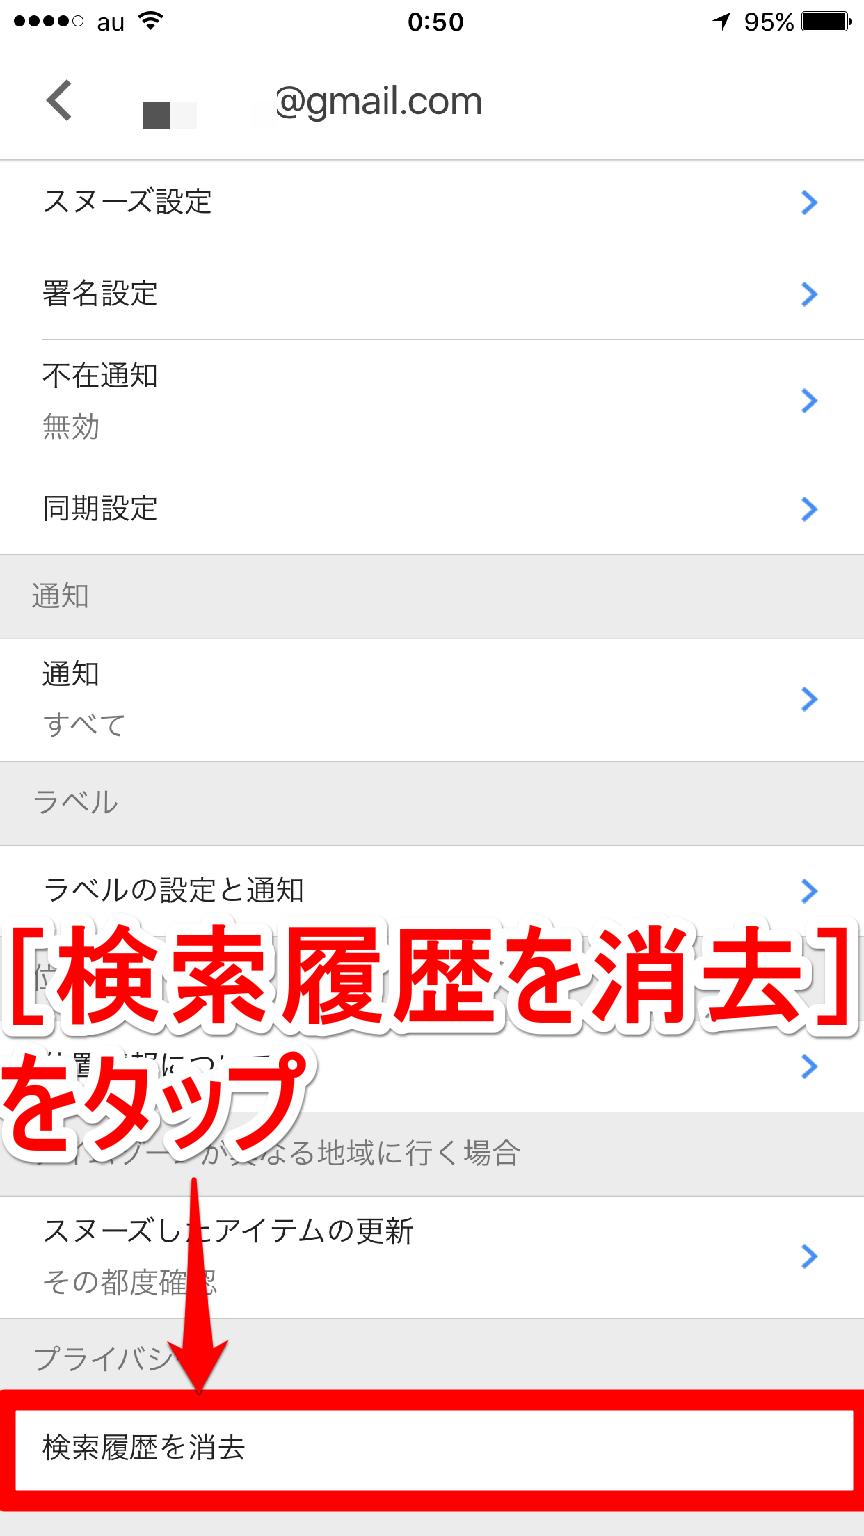 iPhone(アイフォン/アイフォーン)版Inbox(インボックス)アプリの詳細設定画面の下部